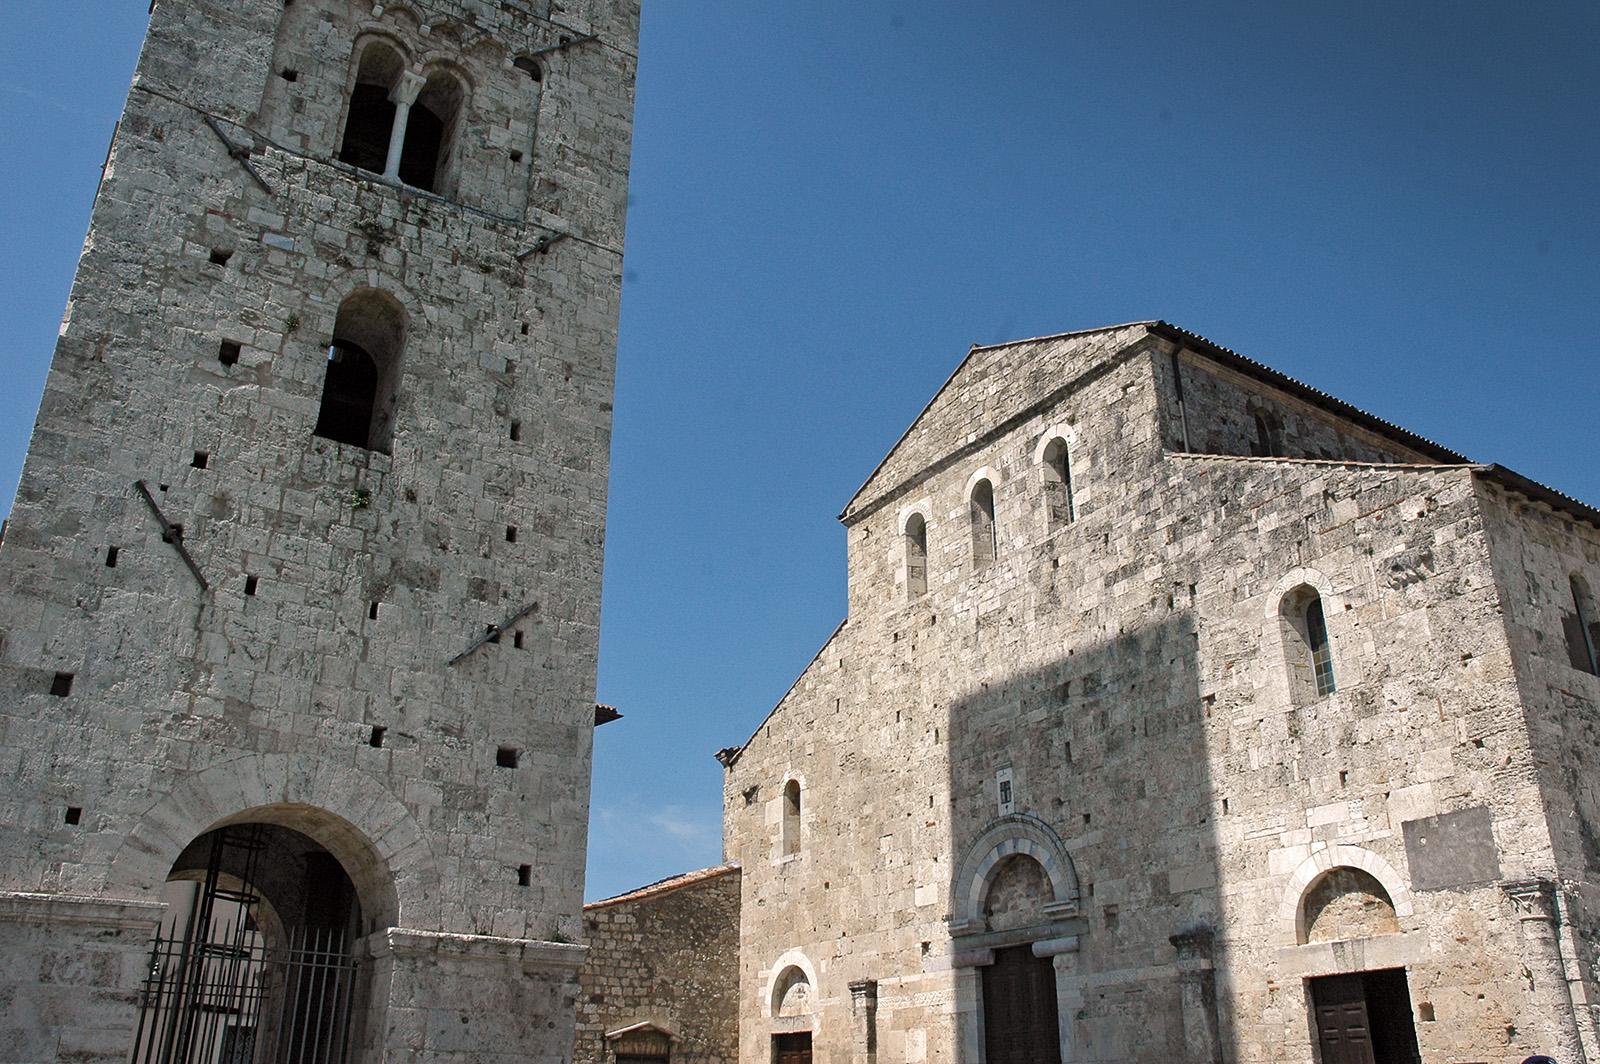 Il Duomo di Anagni